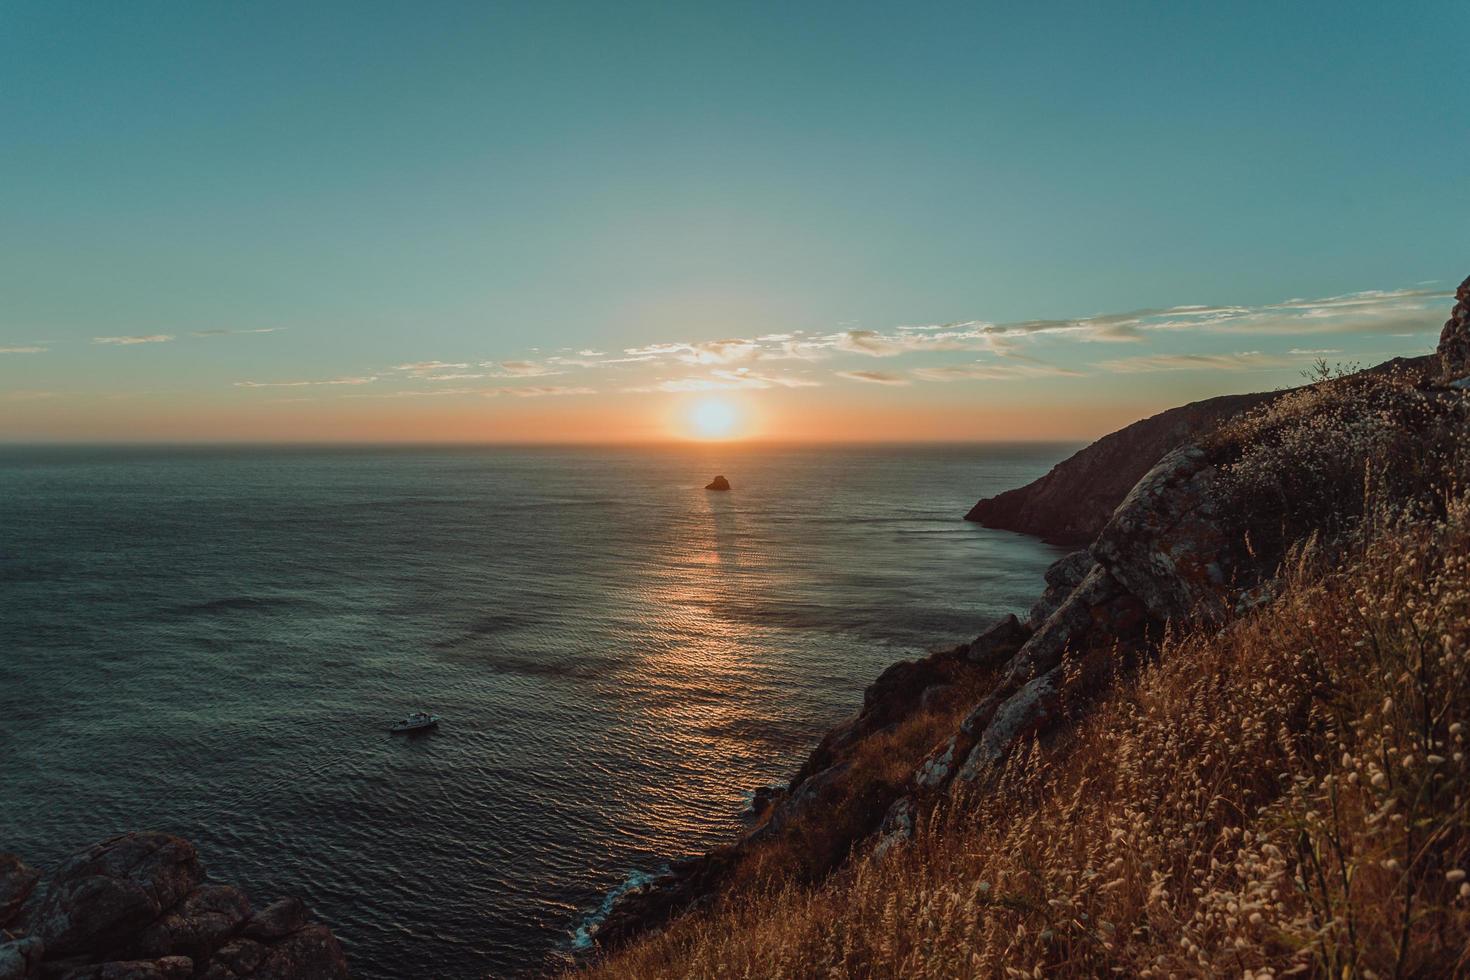 coucher de soleil depuis les falaises photo